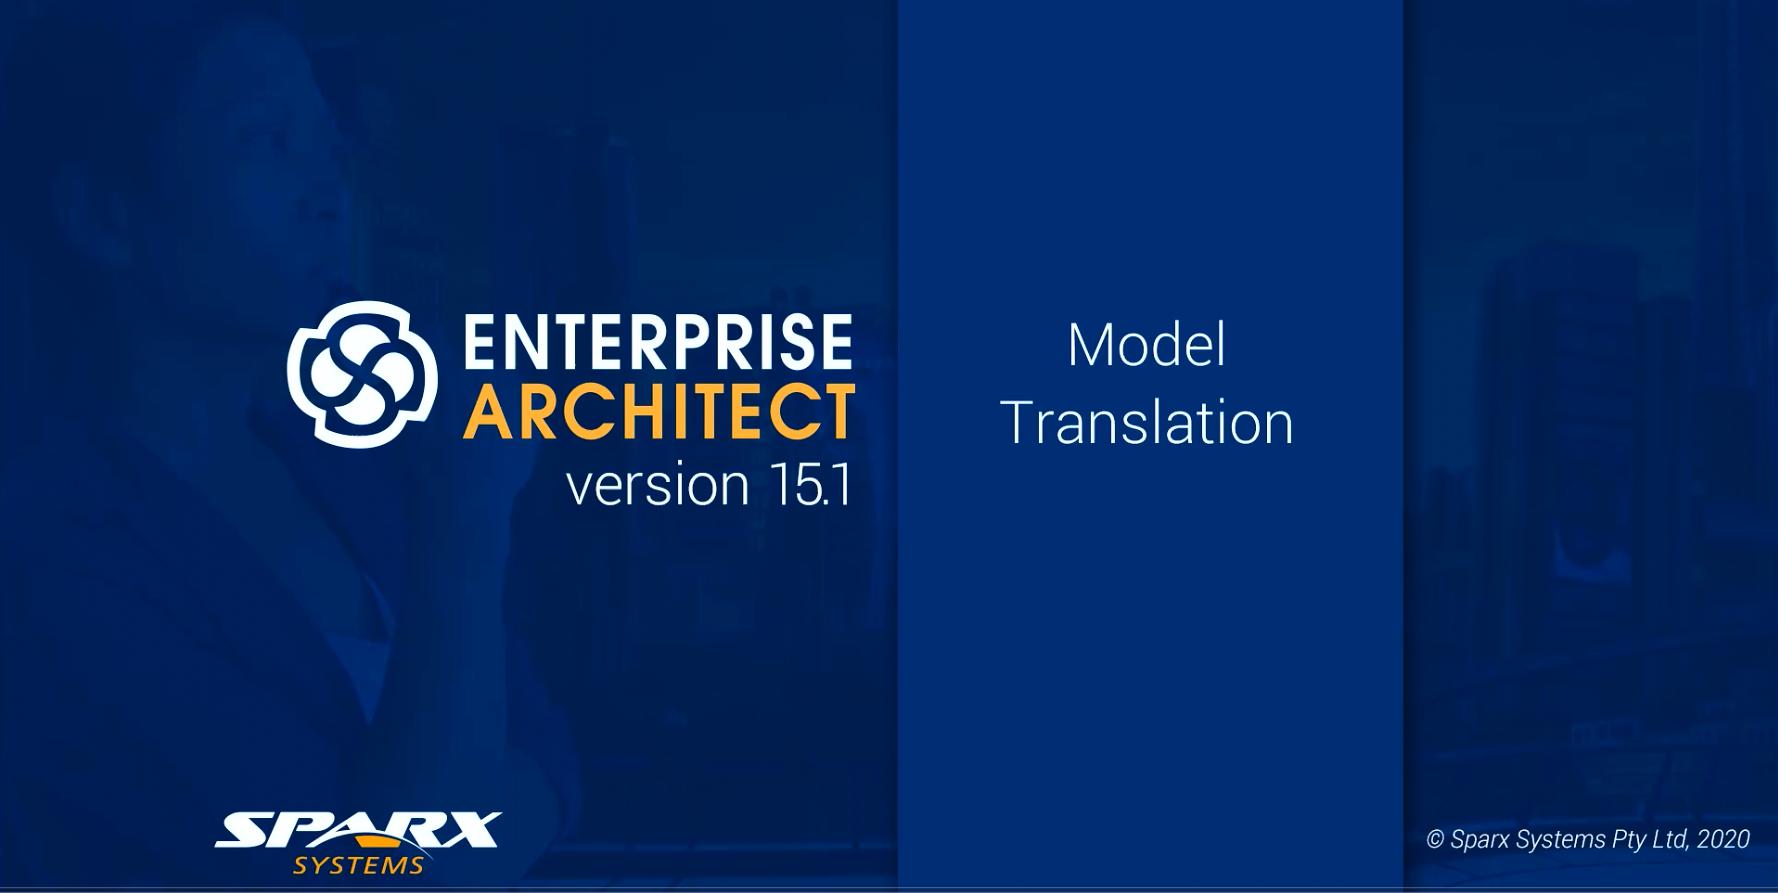 Enterprise Architect版本15.1功能解析(二):将模型信息翻译成多种不同的语言